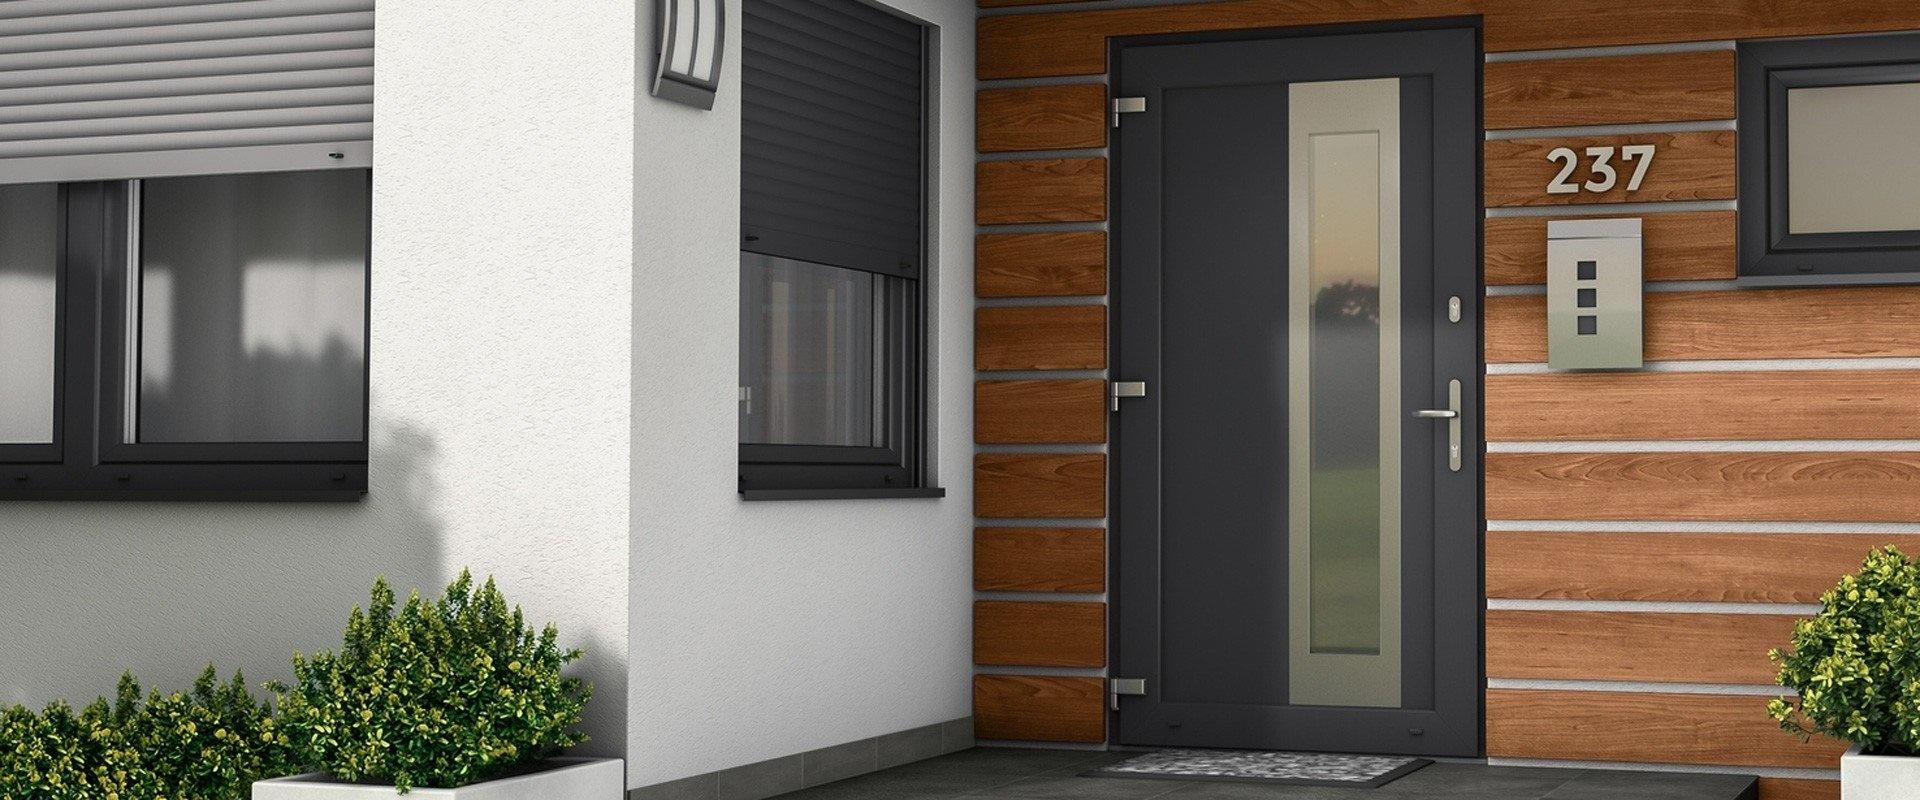 kunstof deuren geven uw gevel een mooie uitstraling